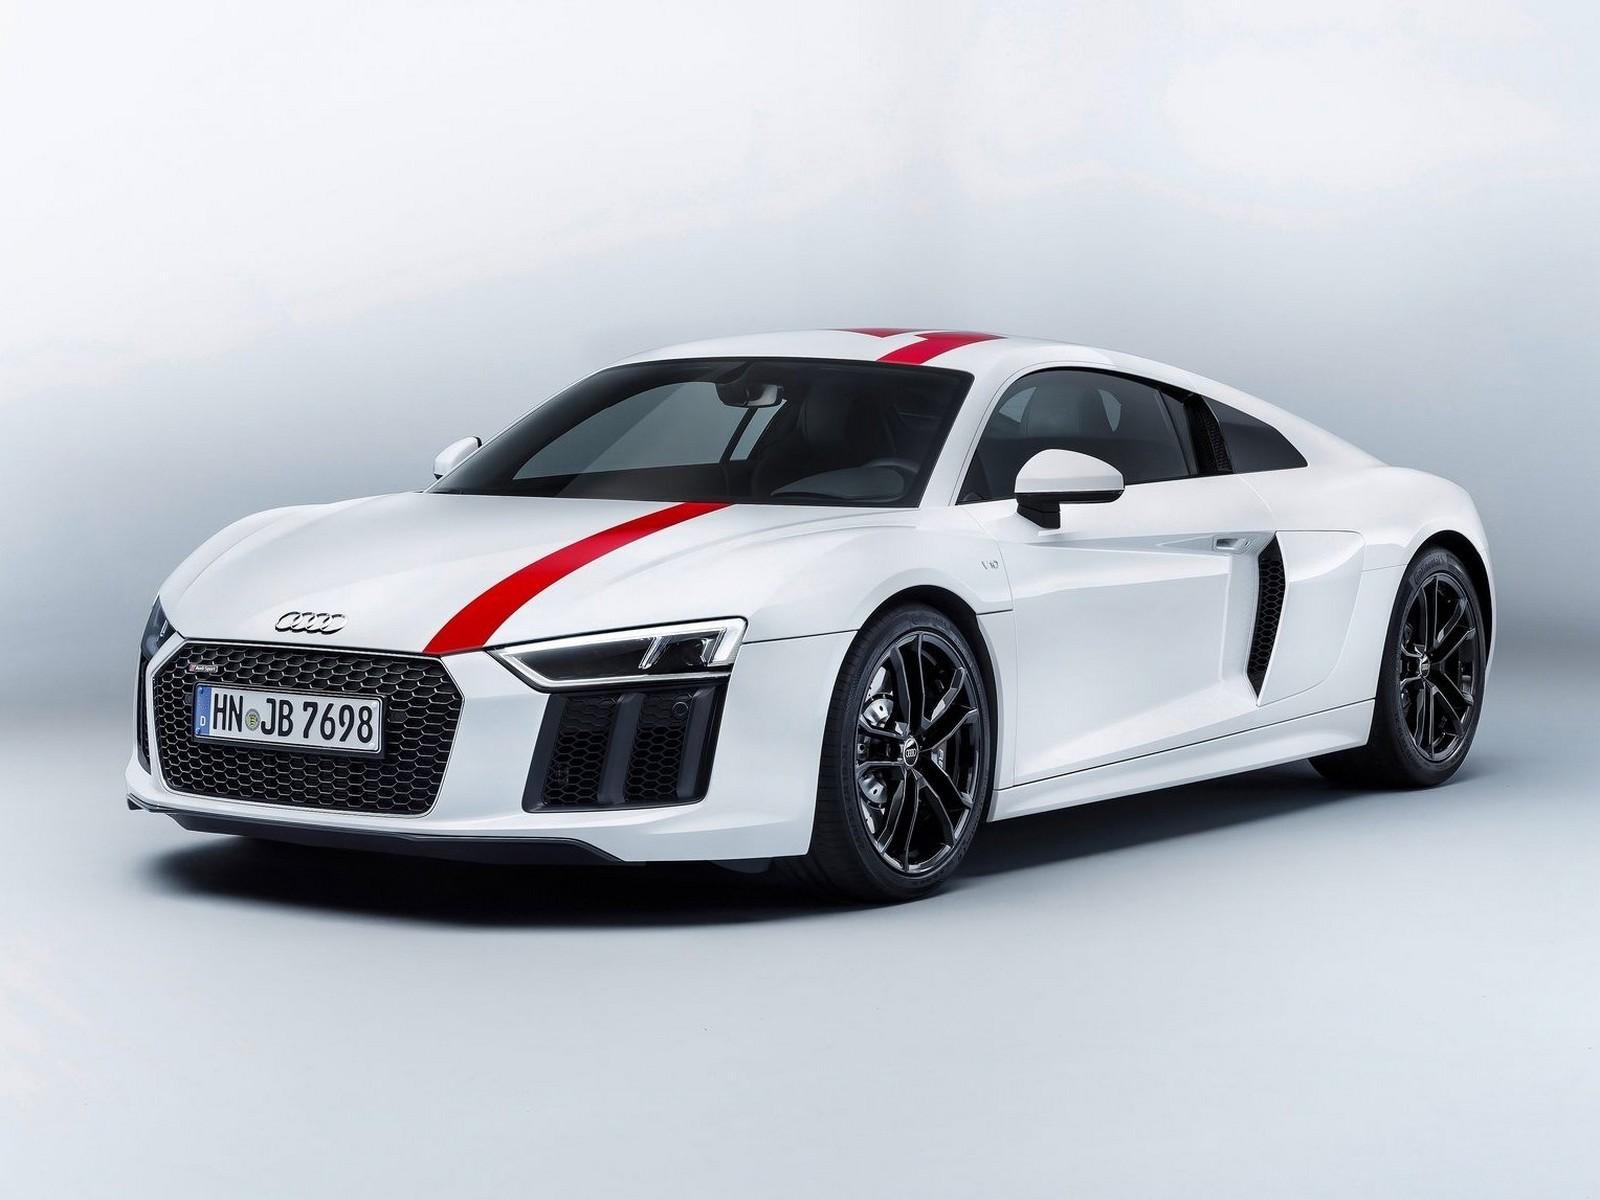 Audi R8 V10 RWS 2018 – La voiture de sport Audi à propulsion arrière